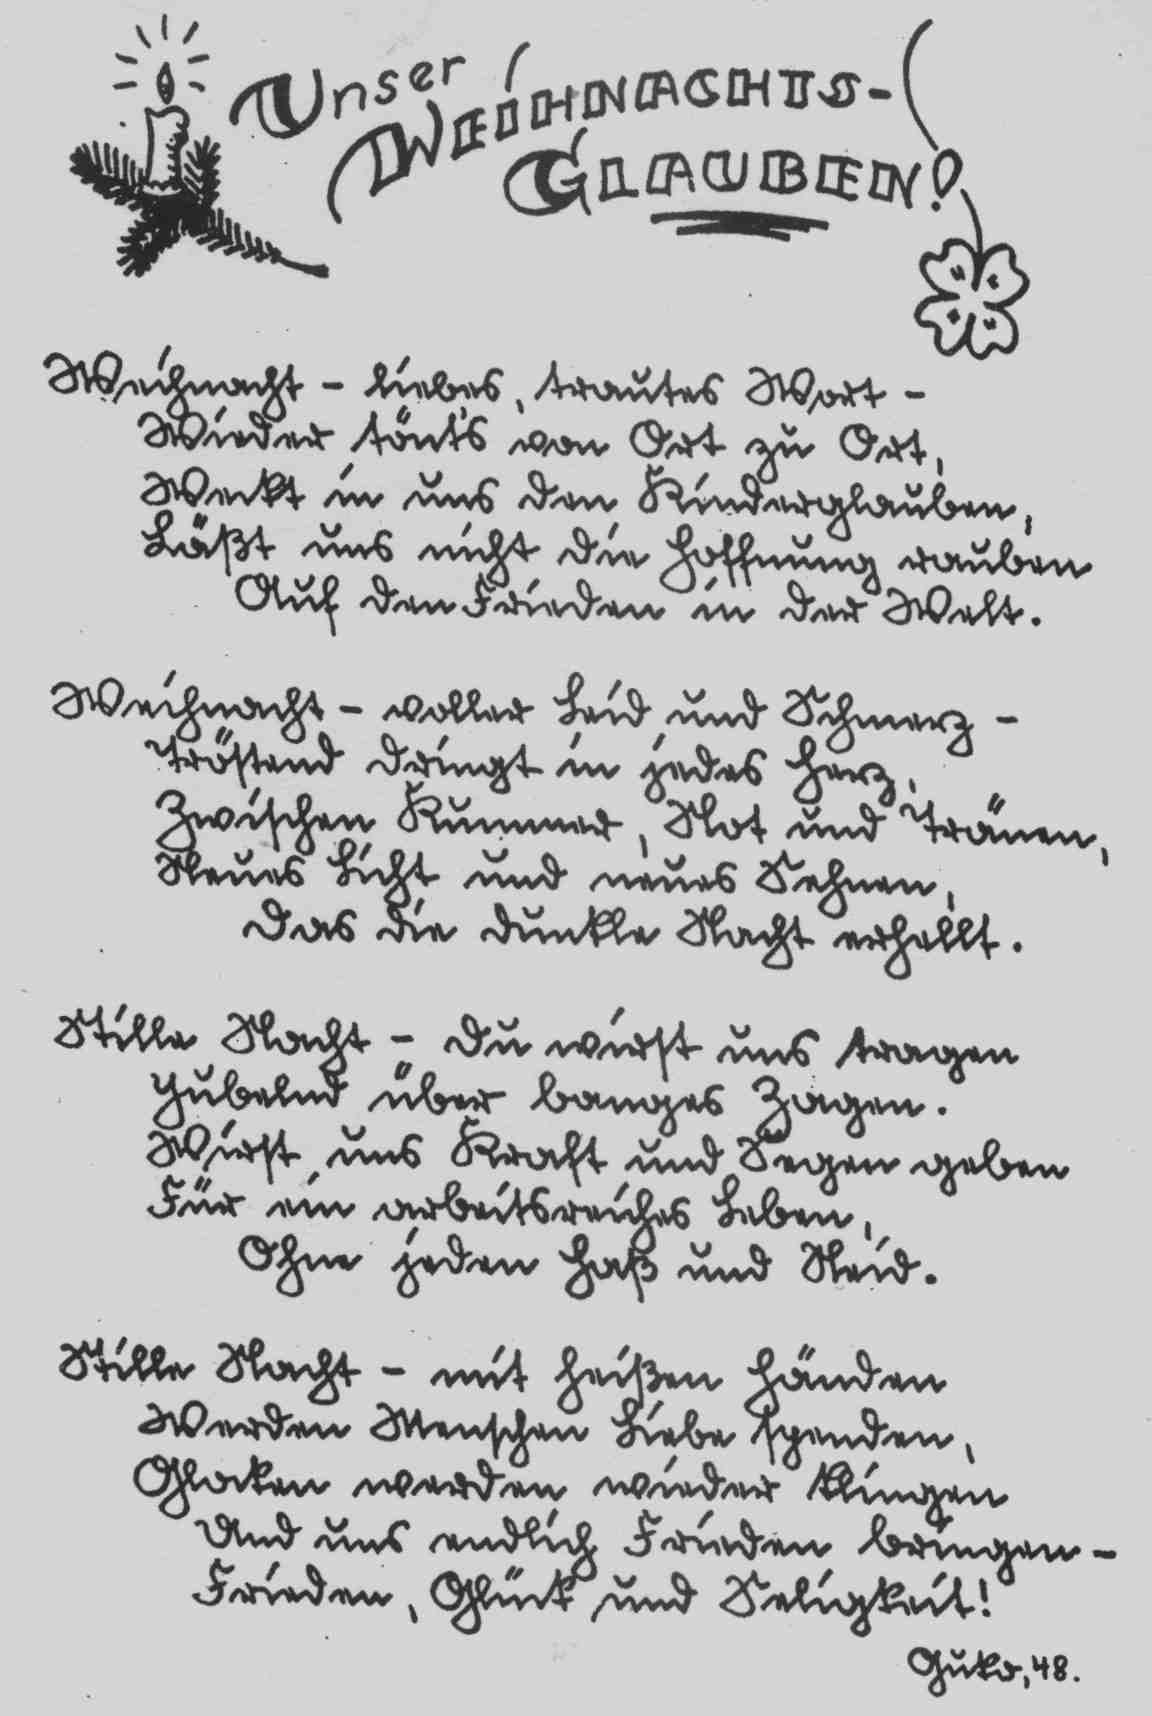 60 geburtstag gedicht russisch